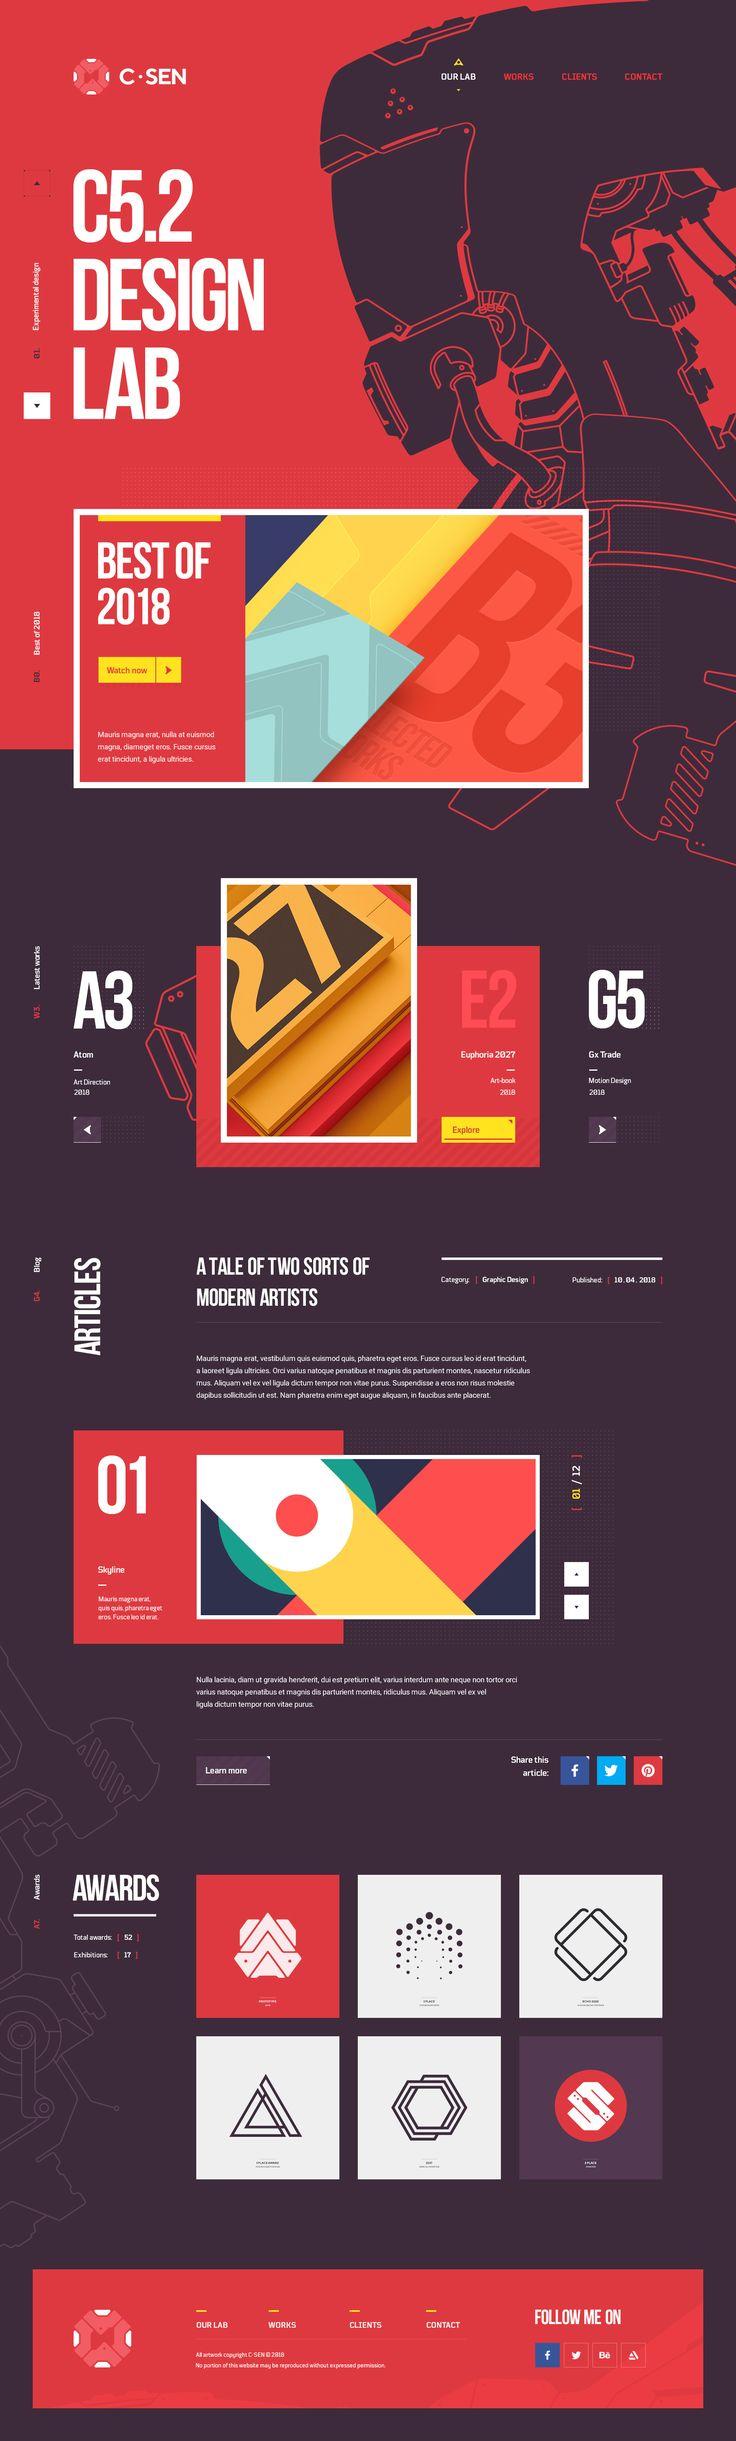 C / Sen Design Lab – Studio portfolio. Ui design concept and visual identity by Mike | CreativeMints